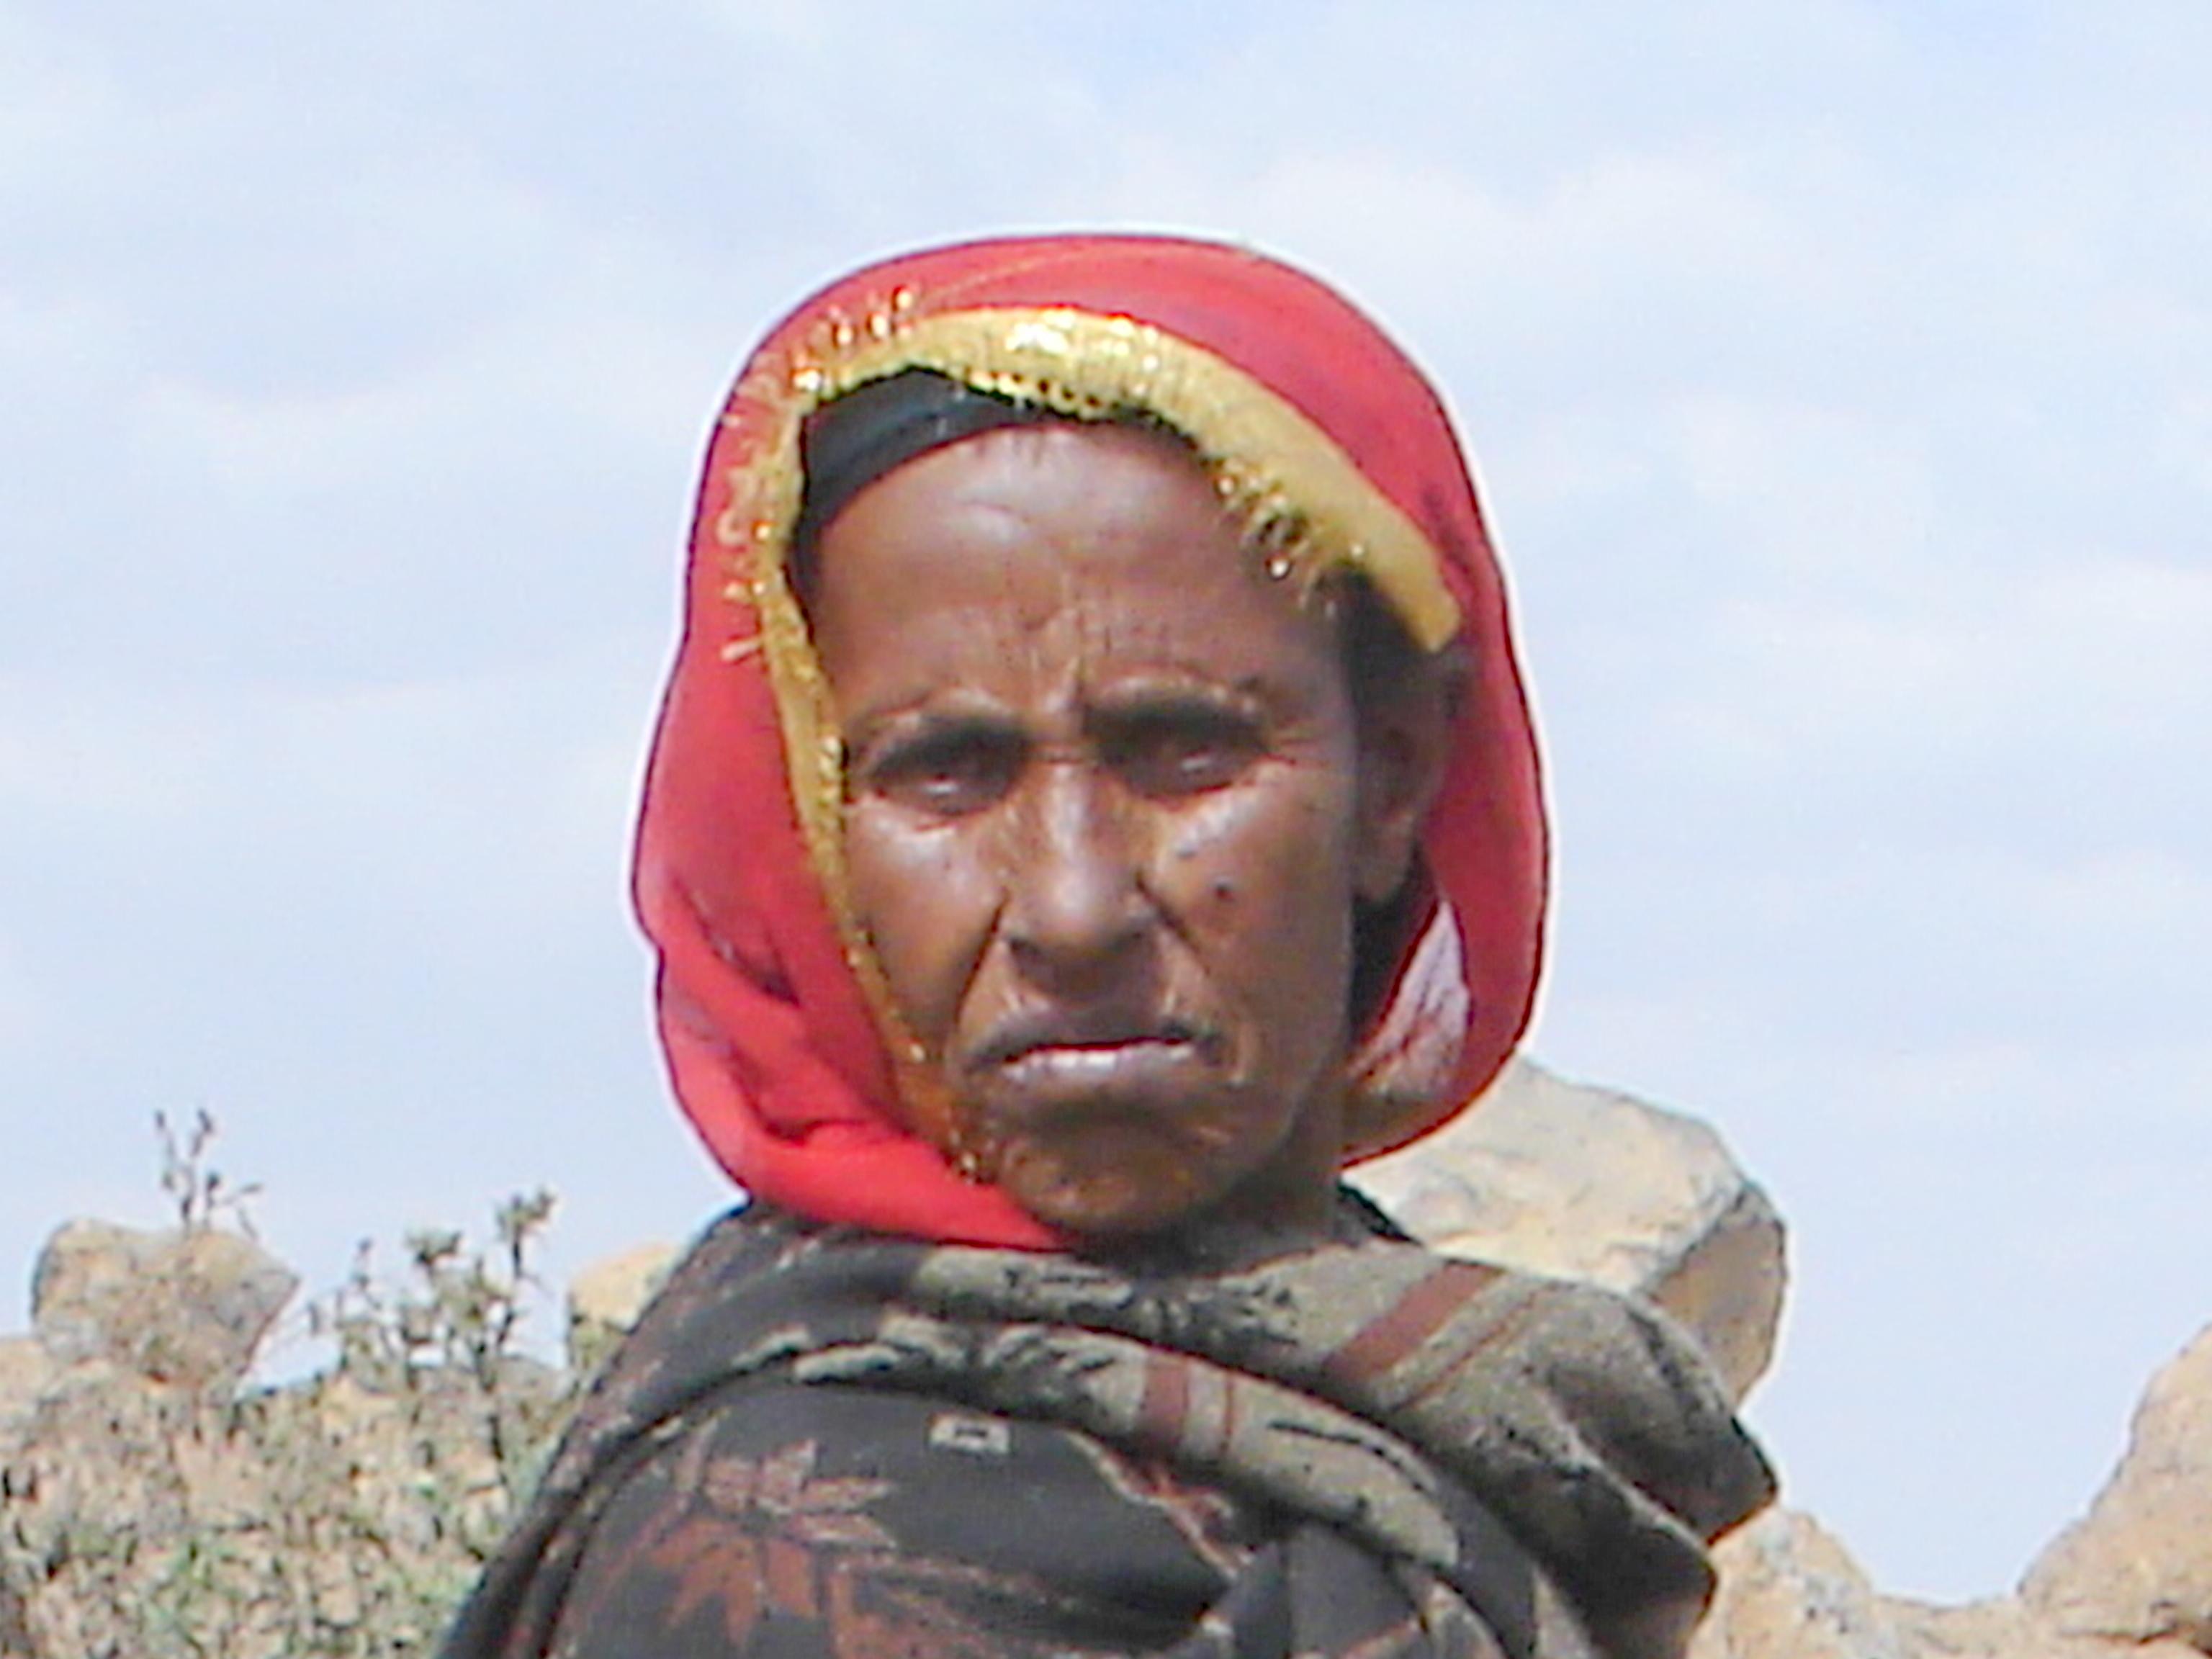 Mes photos de ma Découverte Naturaliste de l' ETHIOPIE